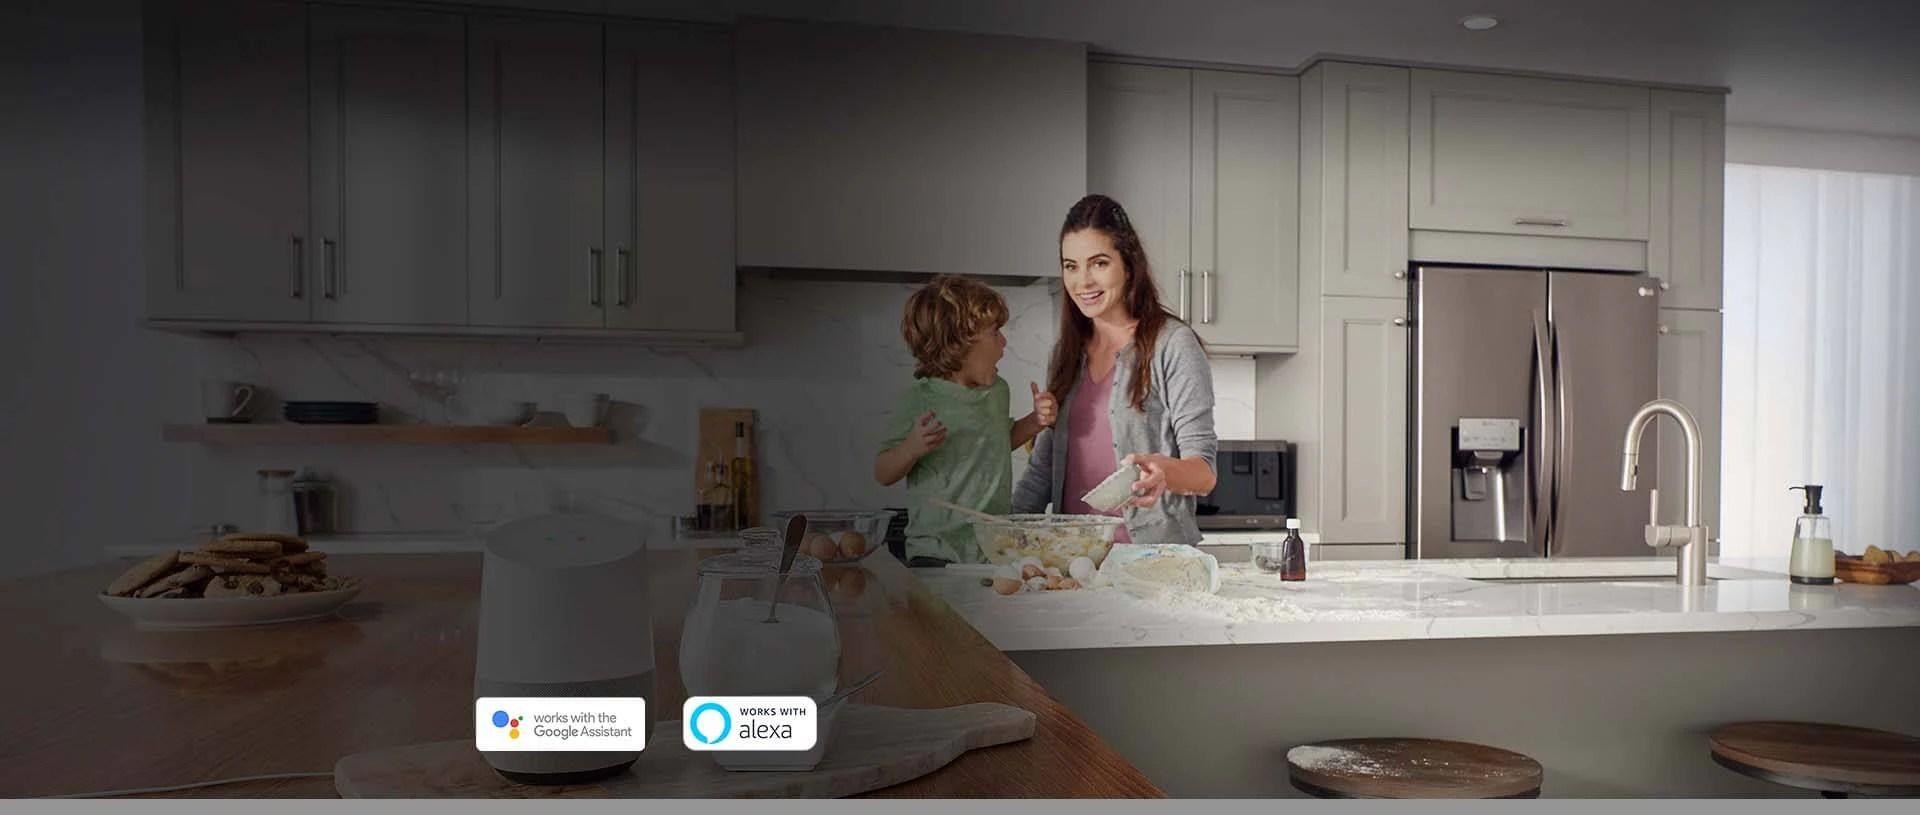 kitchen dishwashers under cabinet lighting lg smartthinq smart refrigerators ranges your next meal just got a little smarter